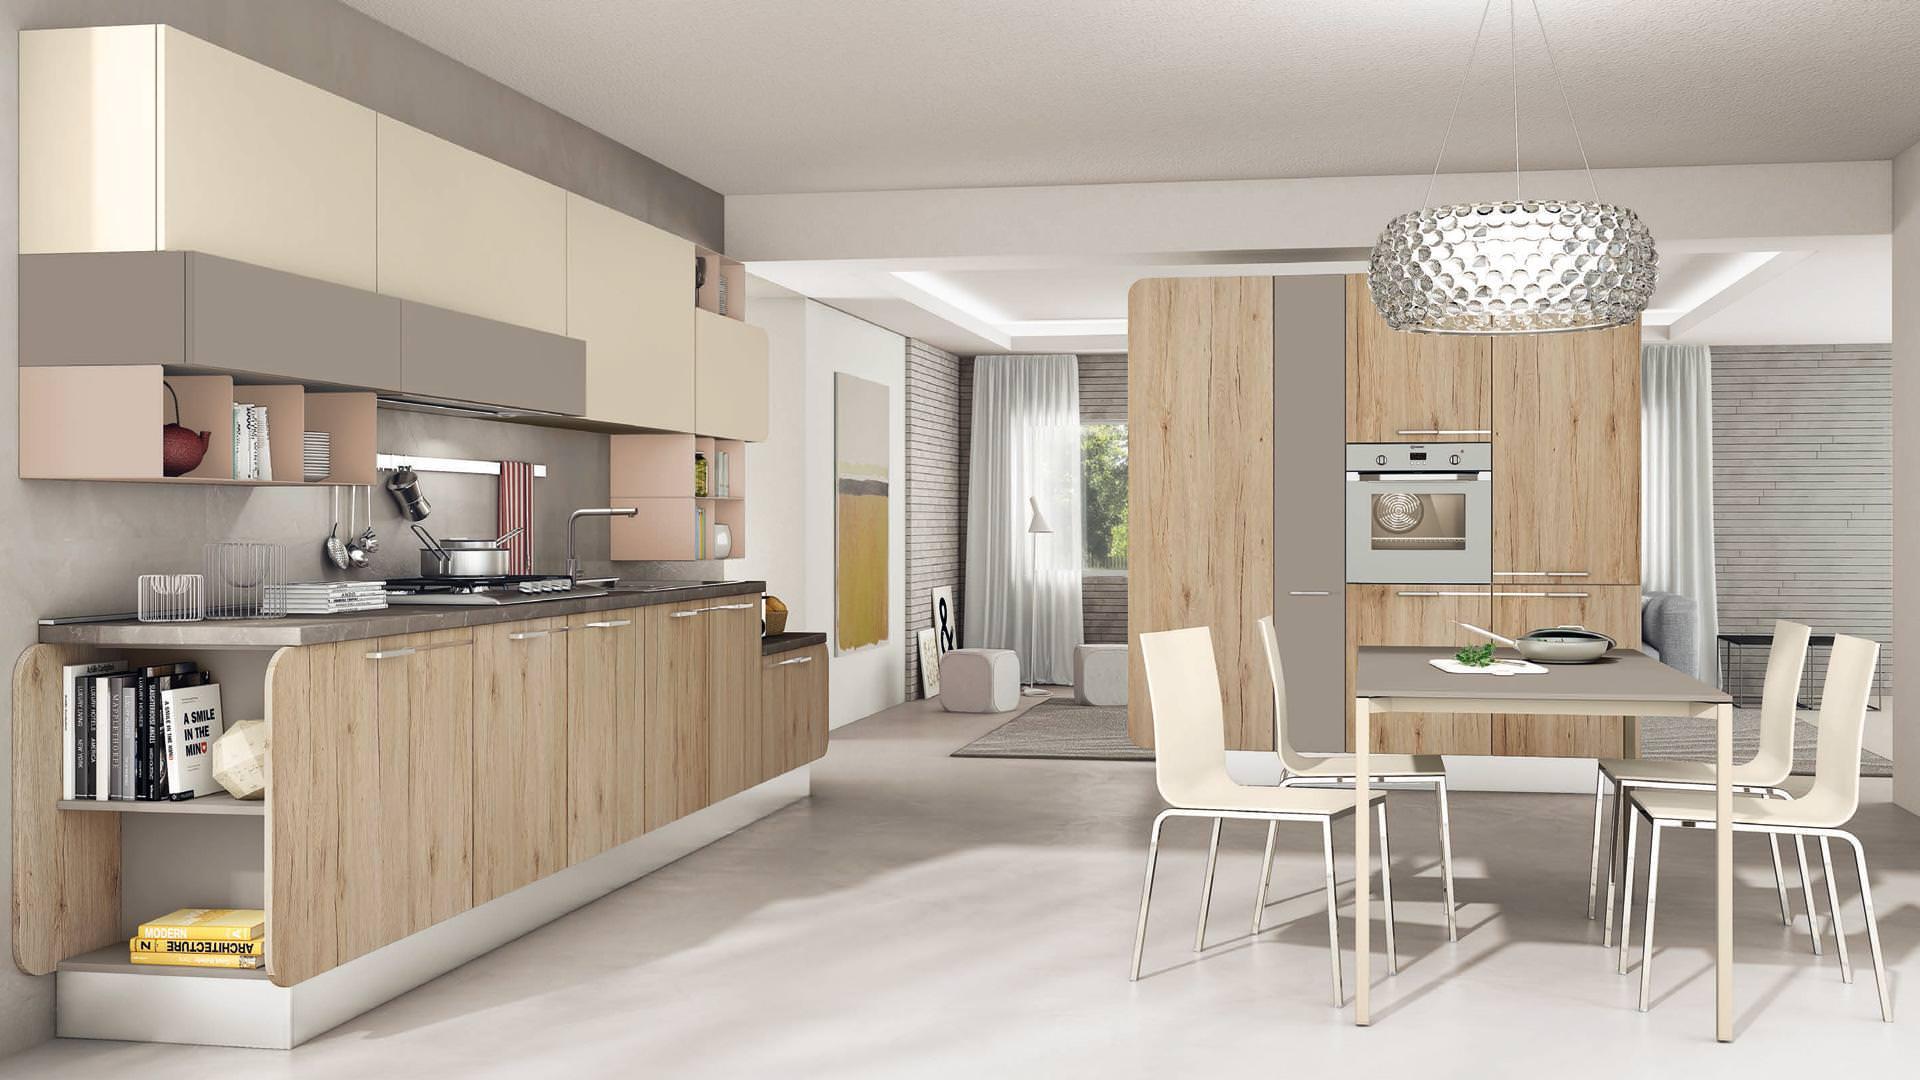 Cucine Moderne Bianche Lube : Cucine moderne